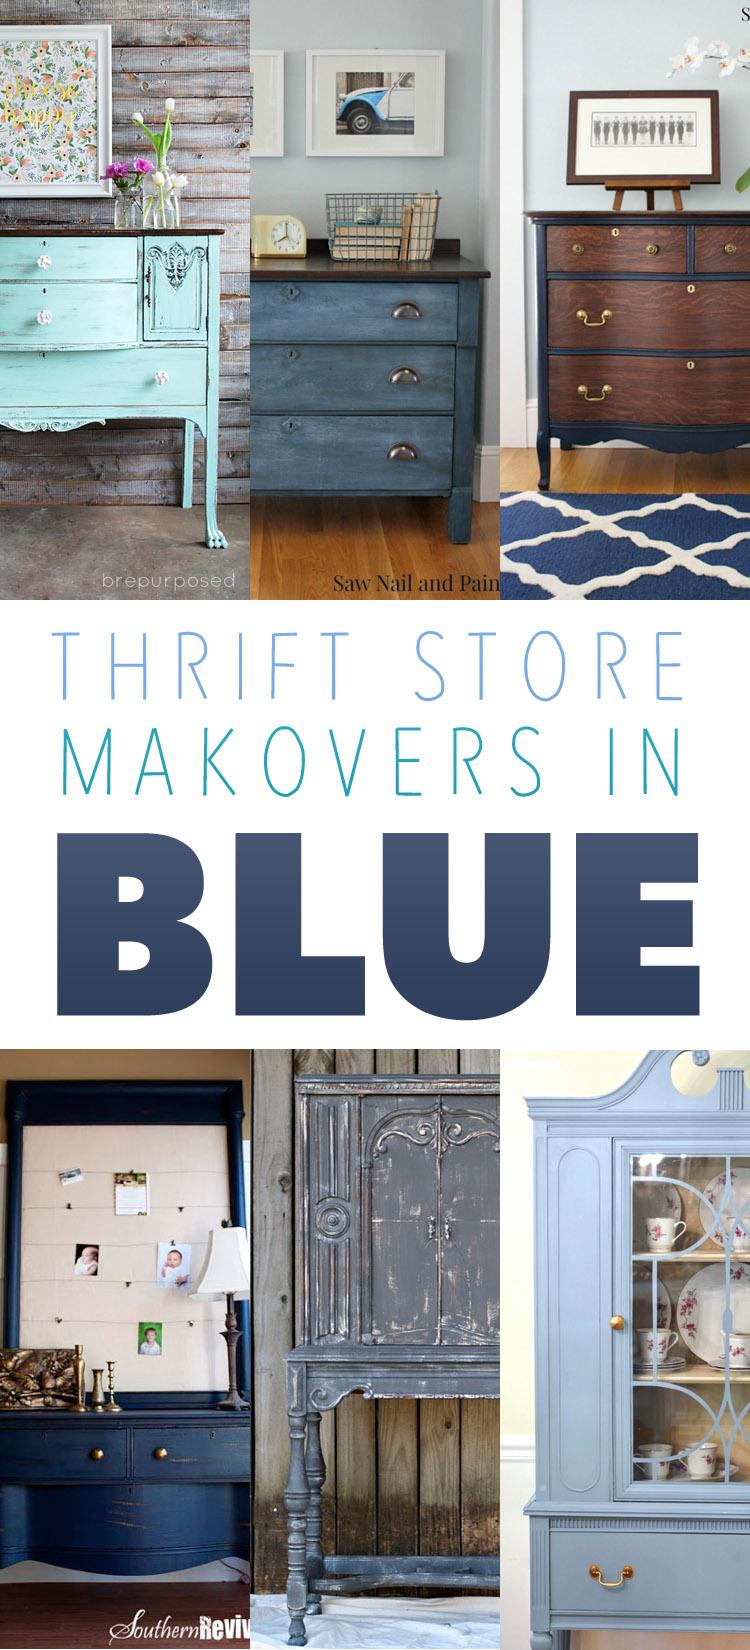 ThriftShop-TOWER-0001